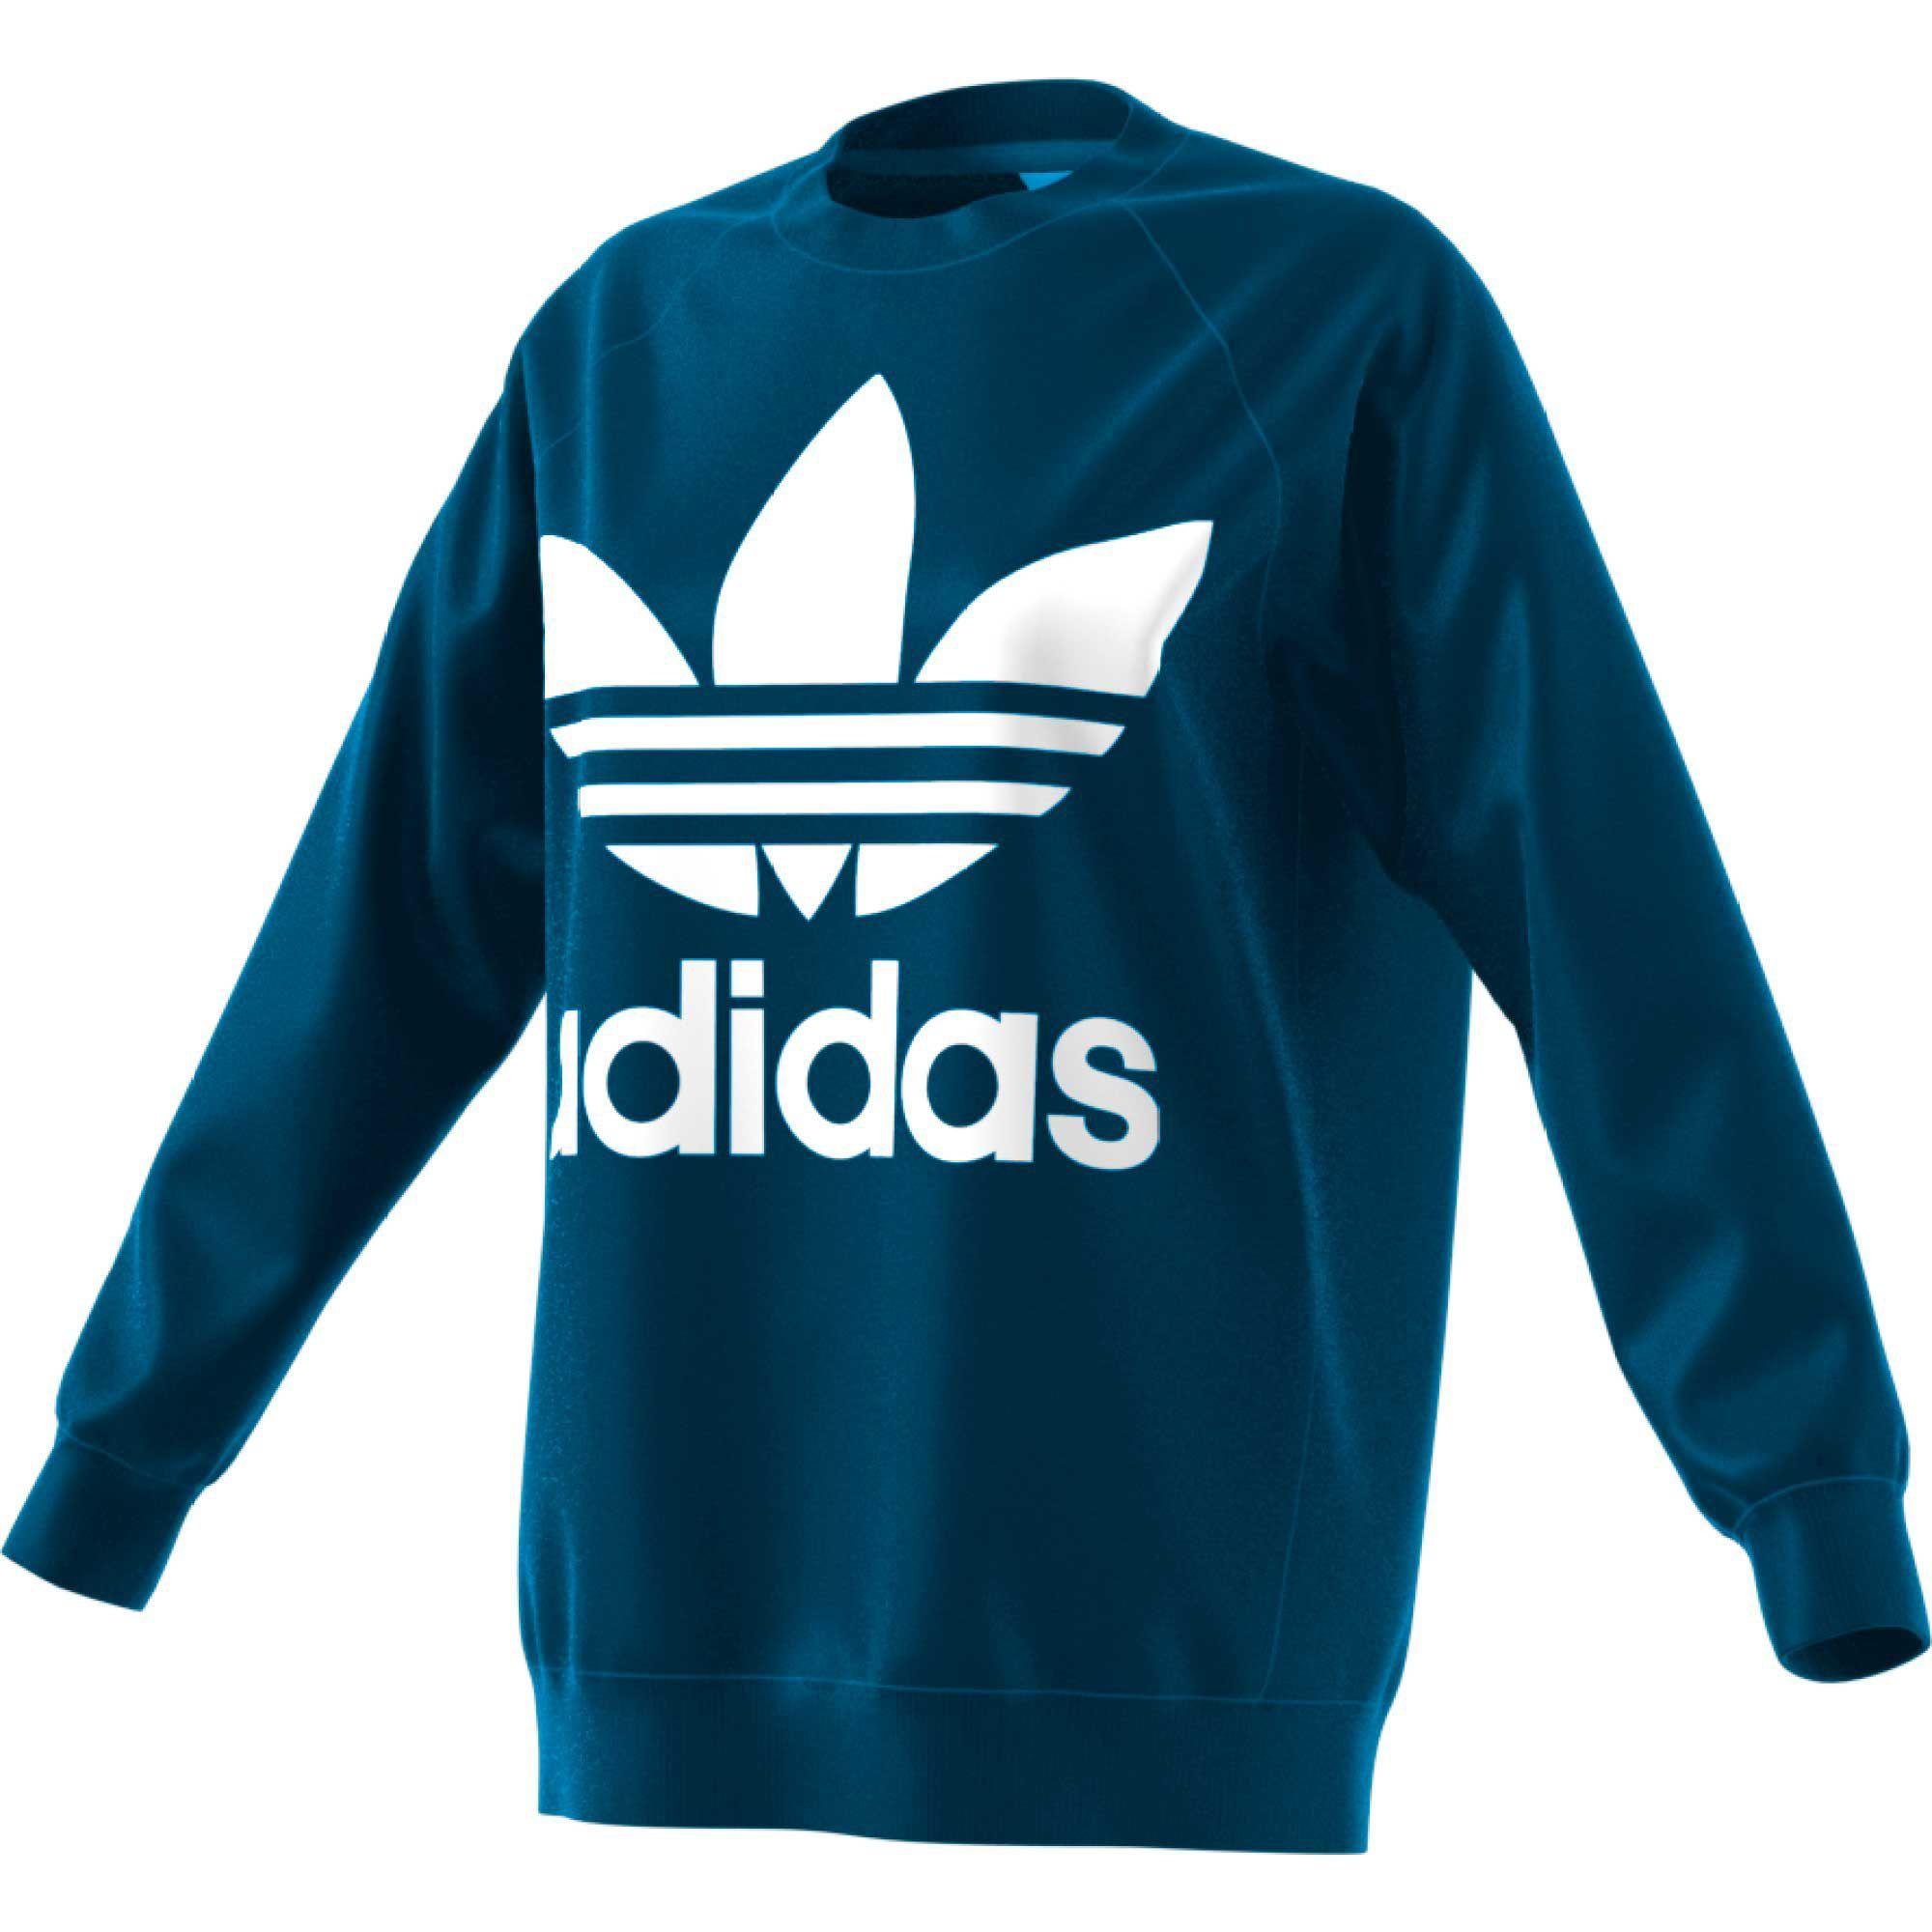 Adidas Originals Women S Oversized Trefoil Crewneck Sweatshirt Adidas Originals Women Sweatshirts Crew Neck Sweatshirt [ 2000 x 2000 Pixel ]